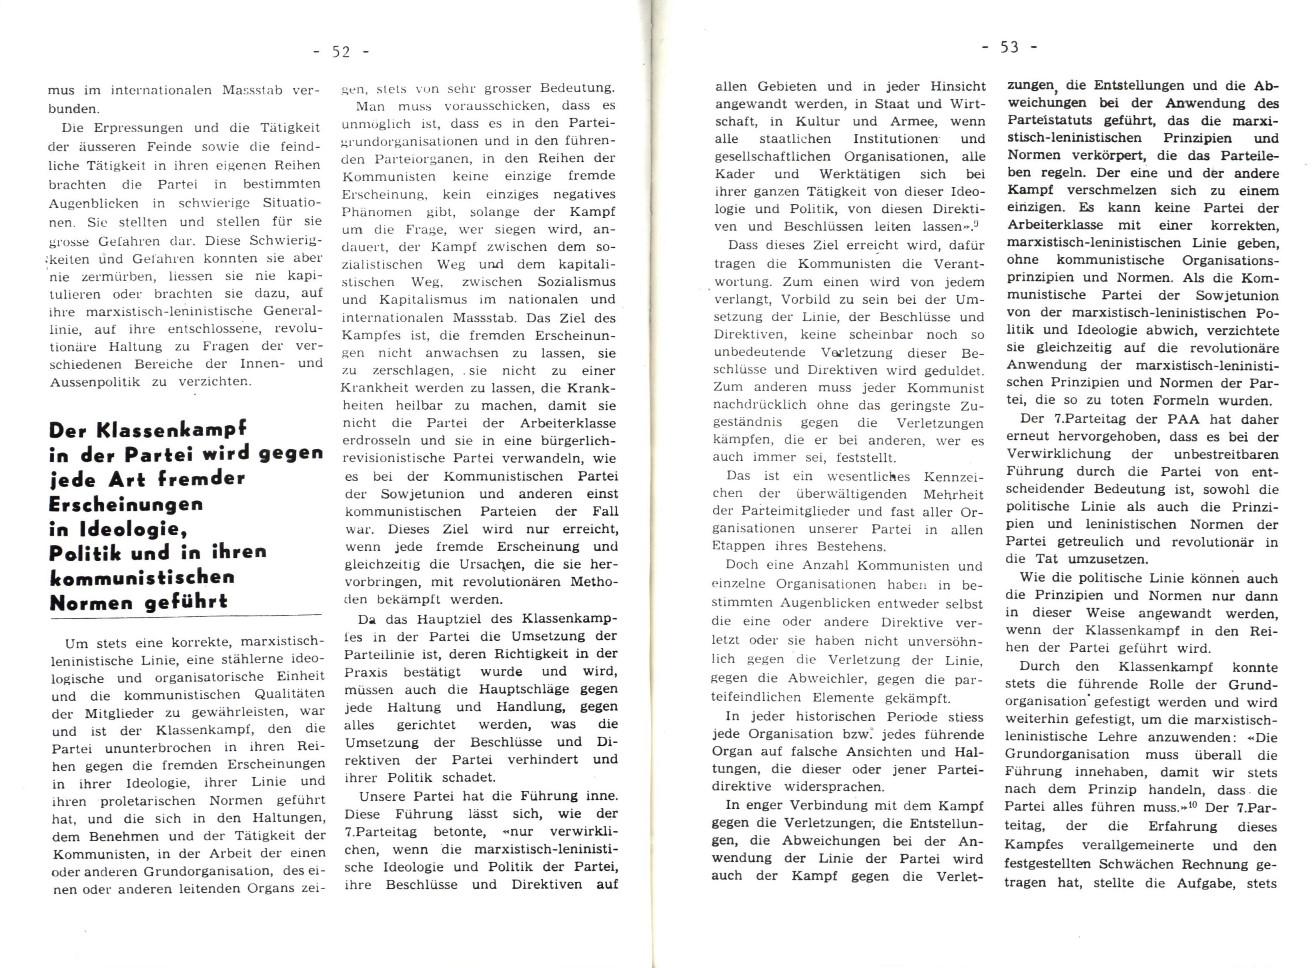 MLSK_Theorie_und_Praxis_des_ML_1979_25_27